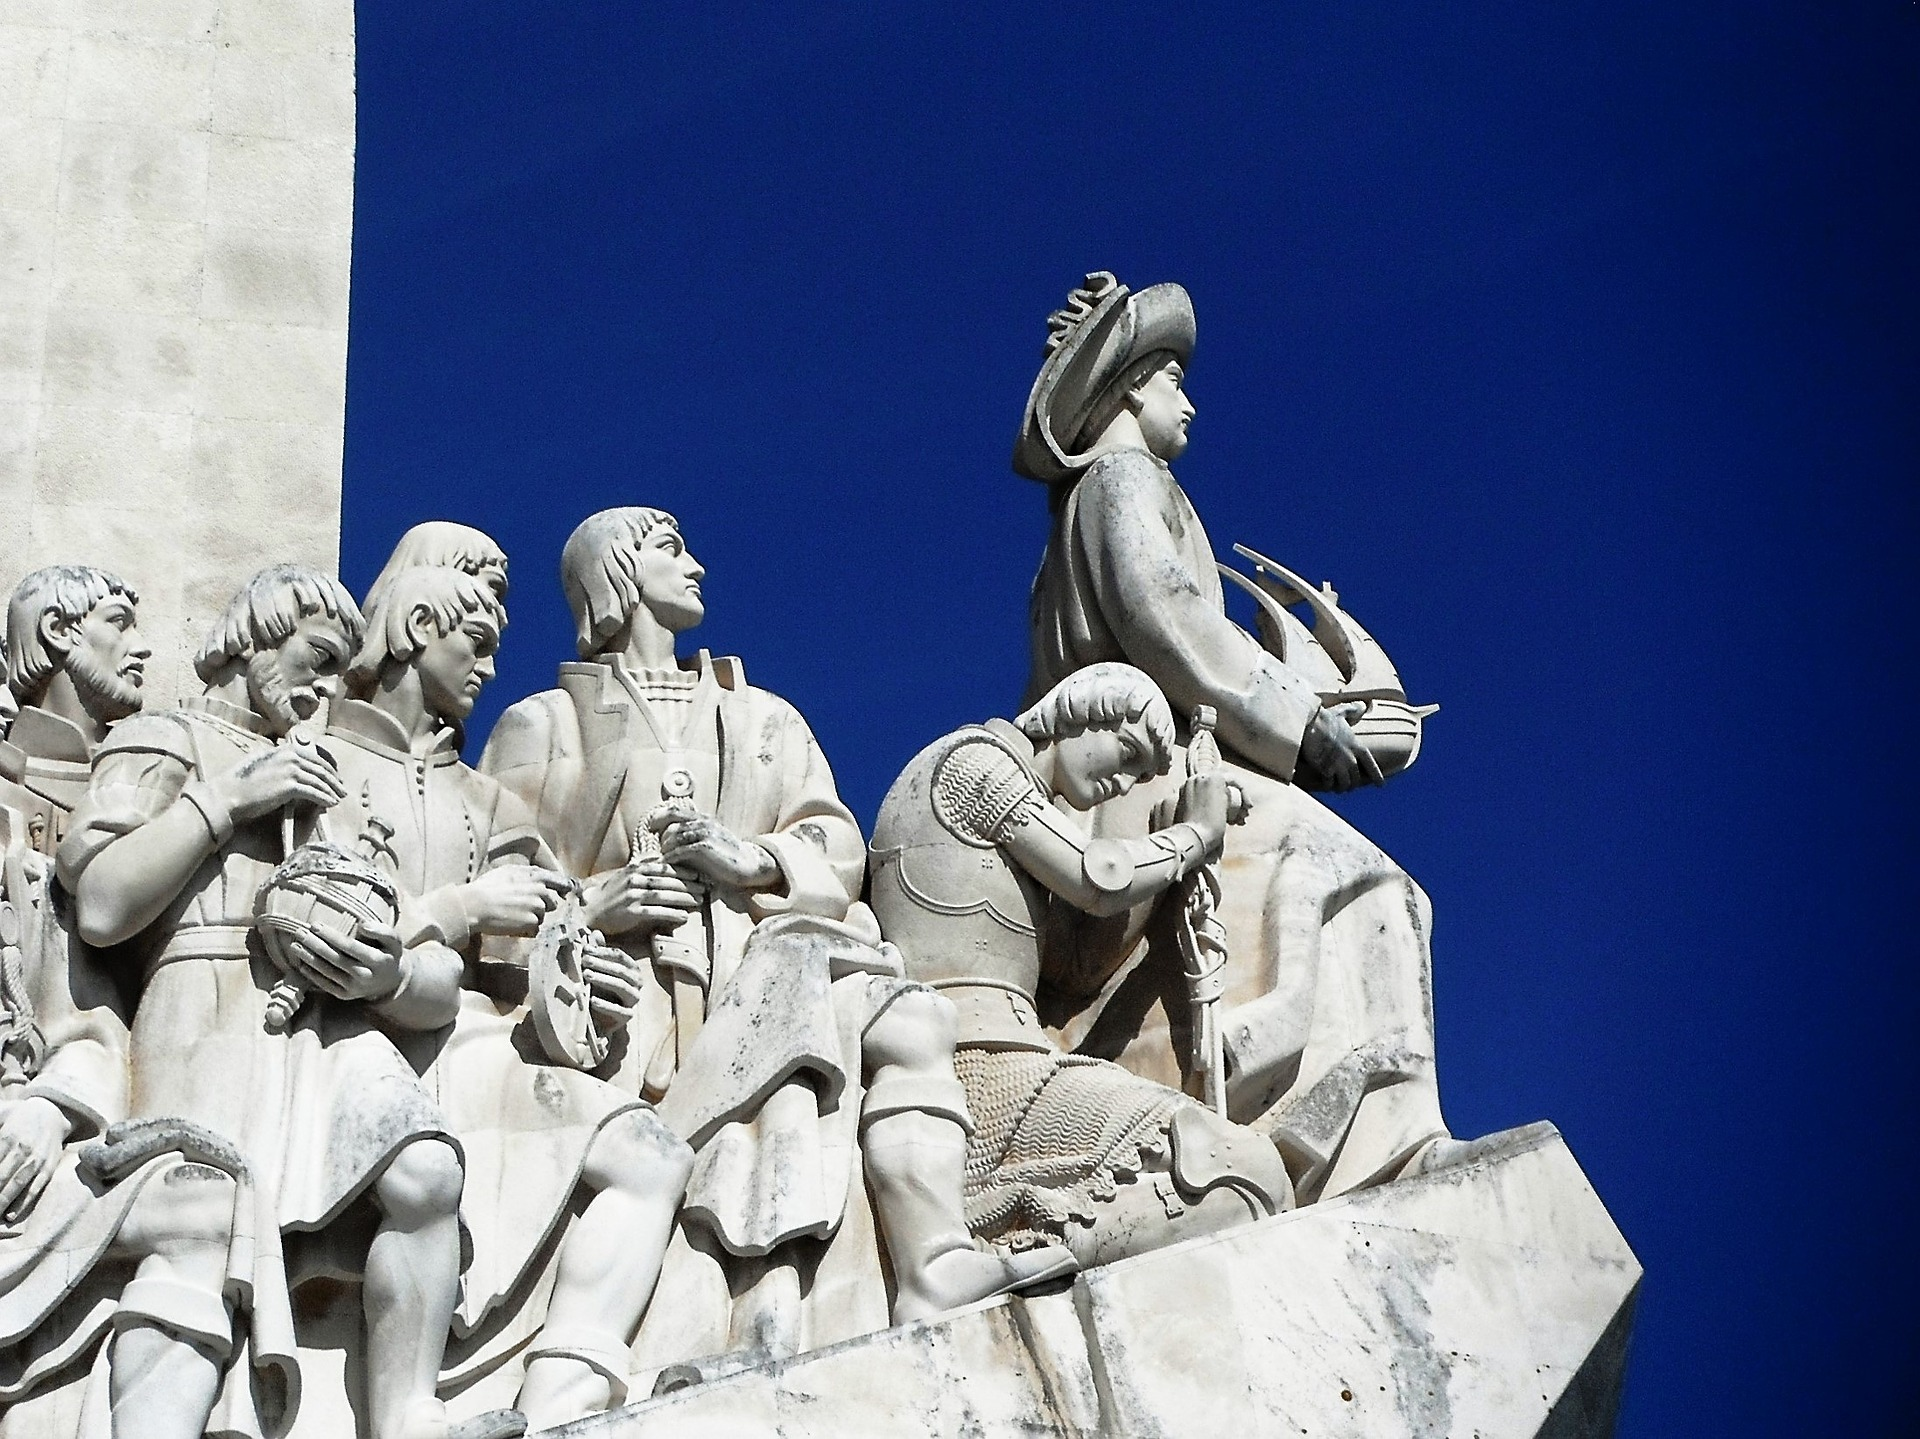 Padrao Dos Descobrimentos, Lisbon